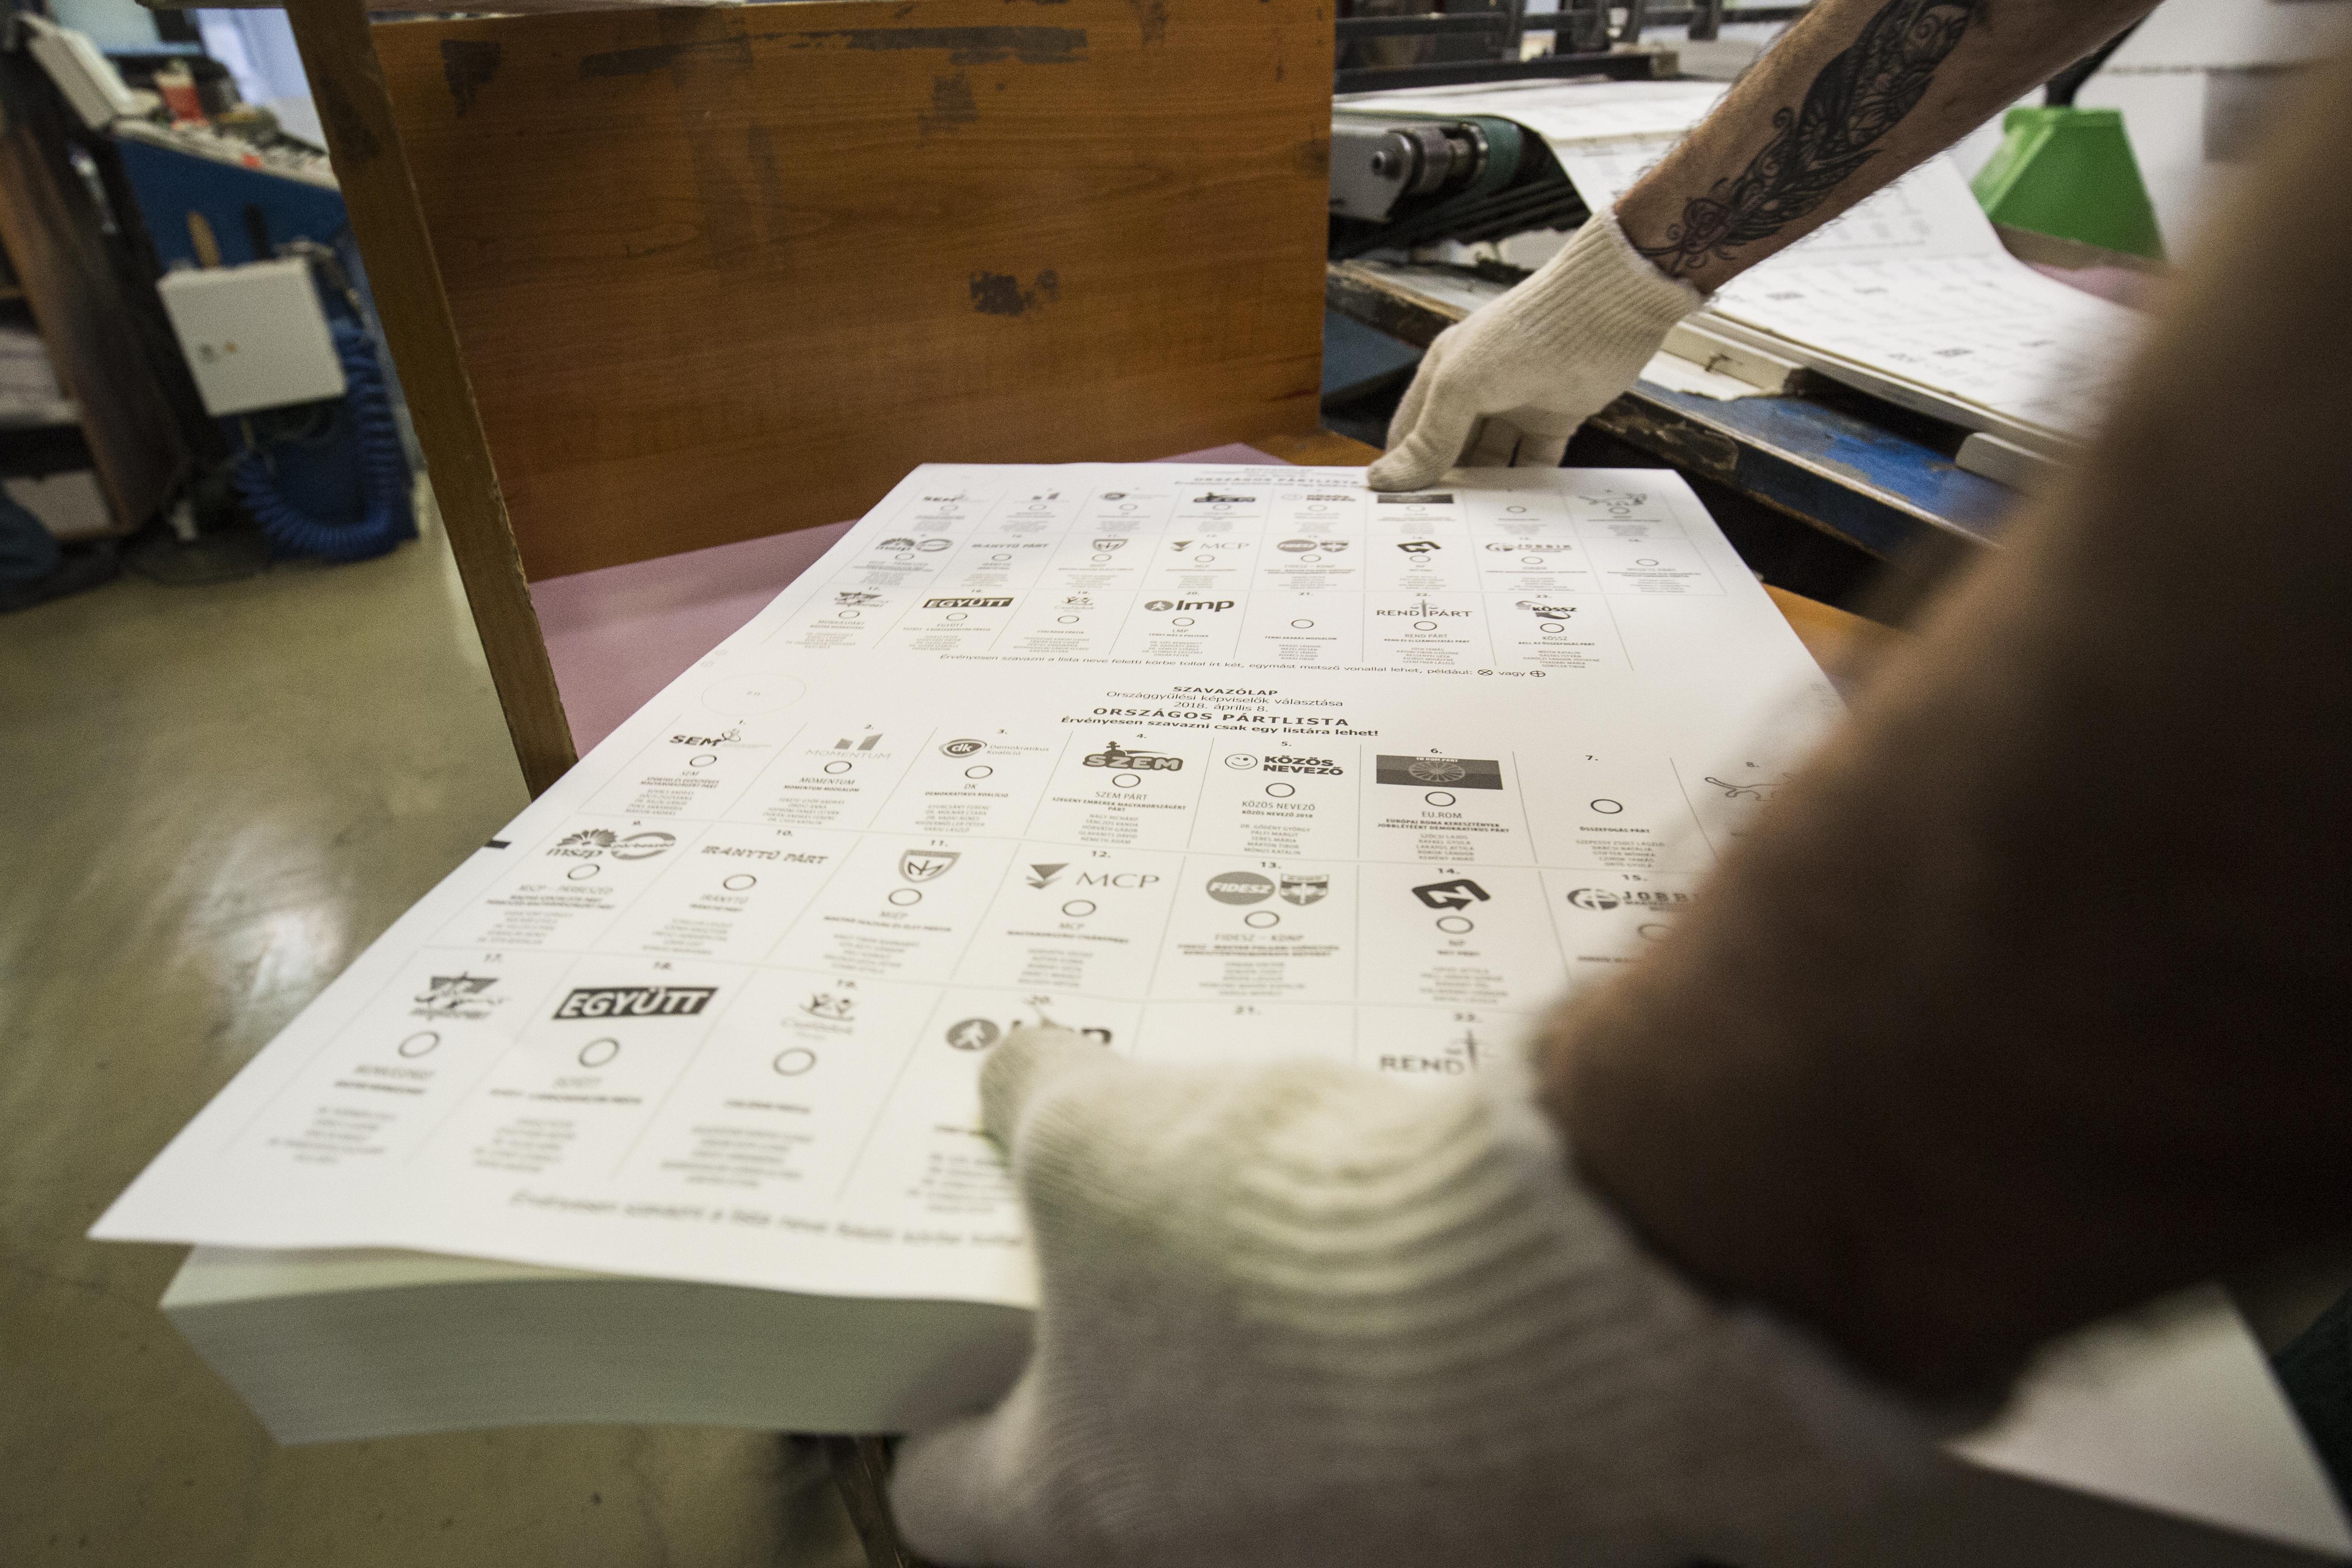 A Nemzeti Választási Iroda elnökhelyettese szerint nekik nem dolguk a választások tisztaságán őrködni